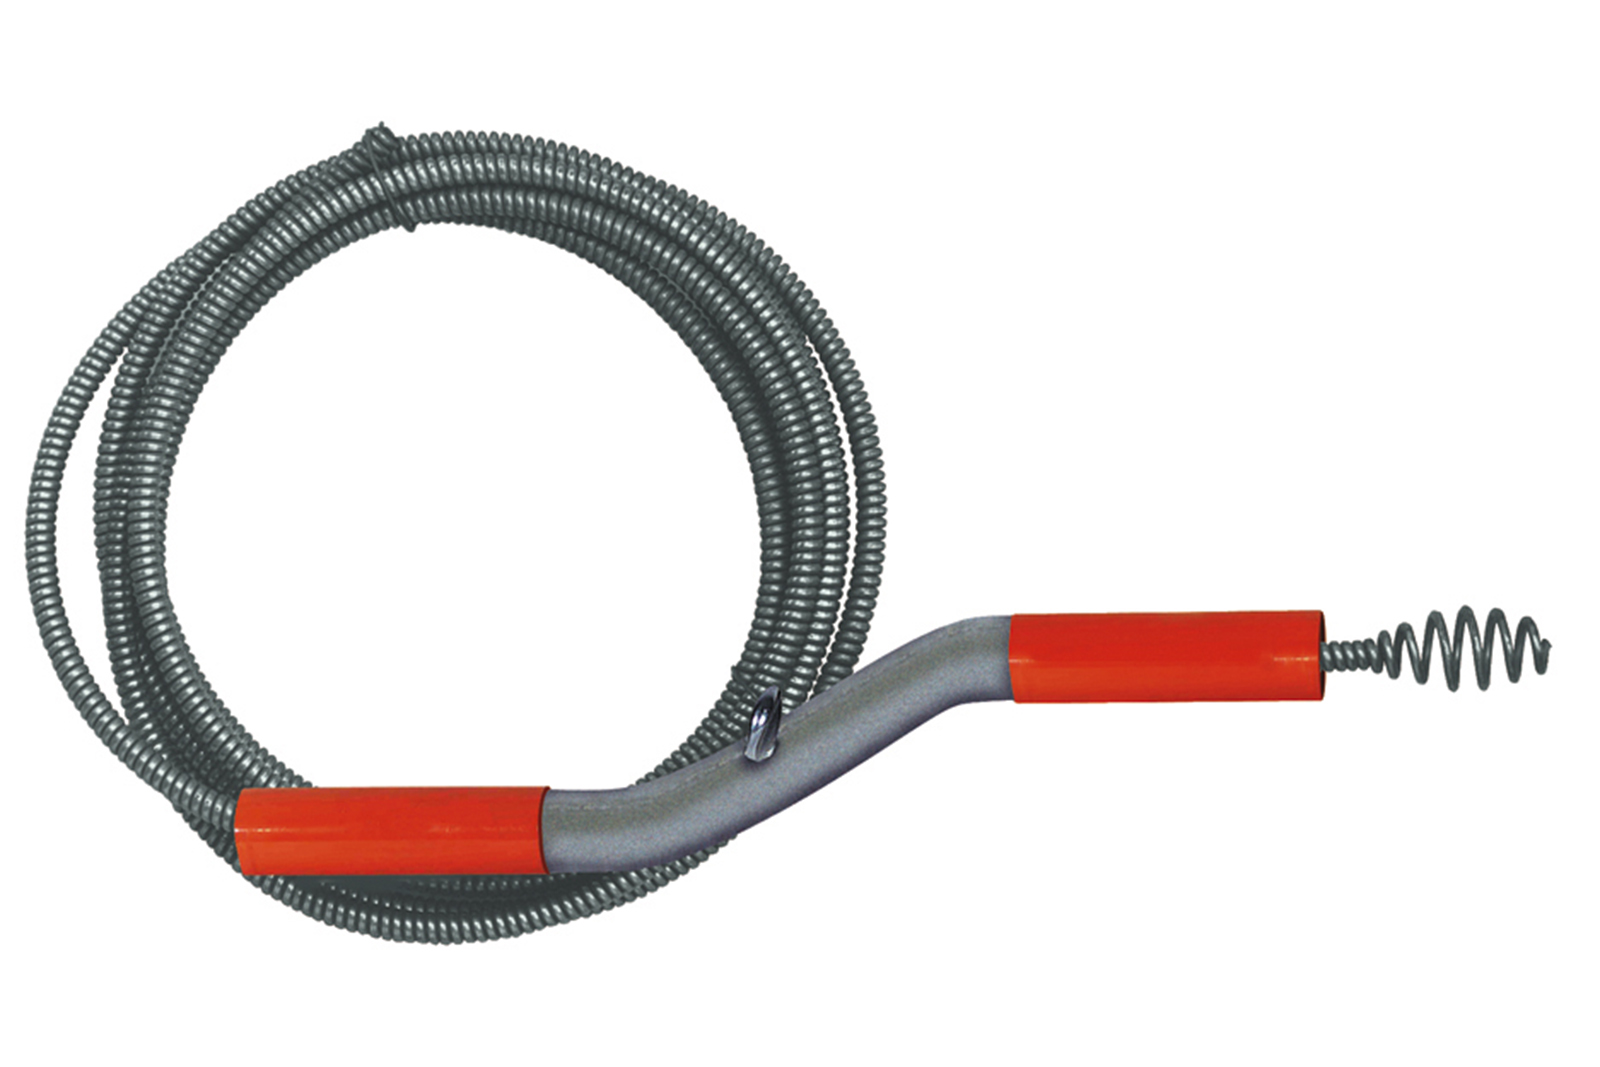 Трос для прочистки General pipe Flexicore 35fl2